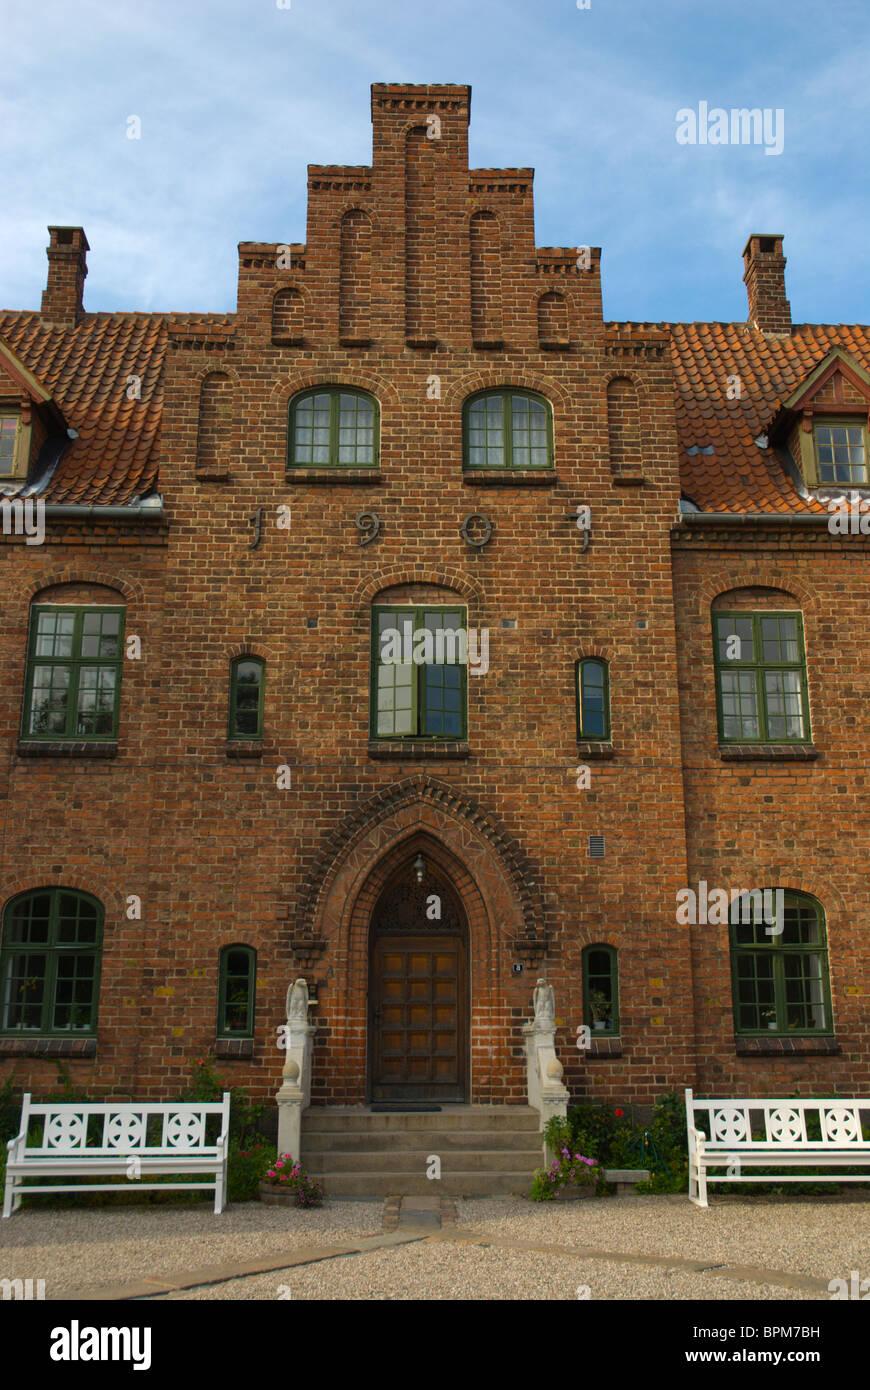 Sortebrodre Kloster the Black Friars Monastery central Roskilde Denmark Europe - Stock Image